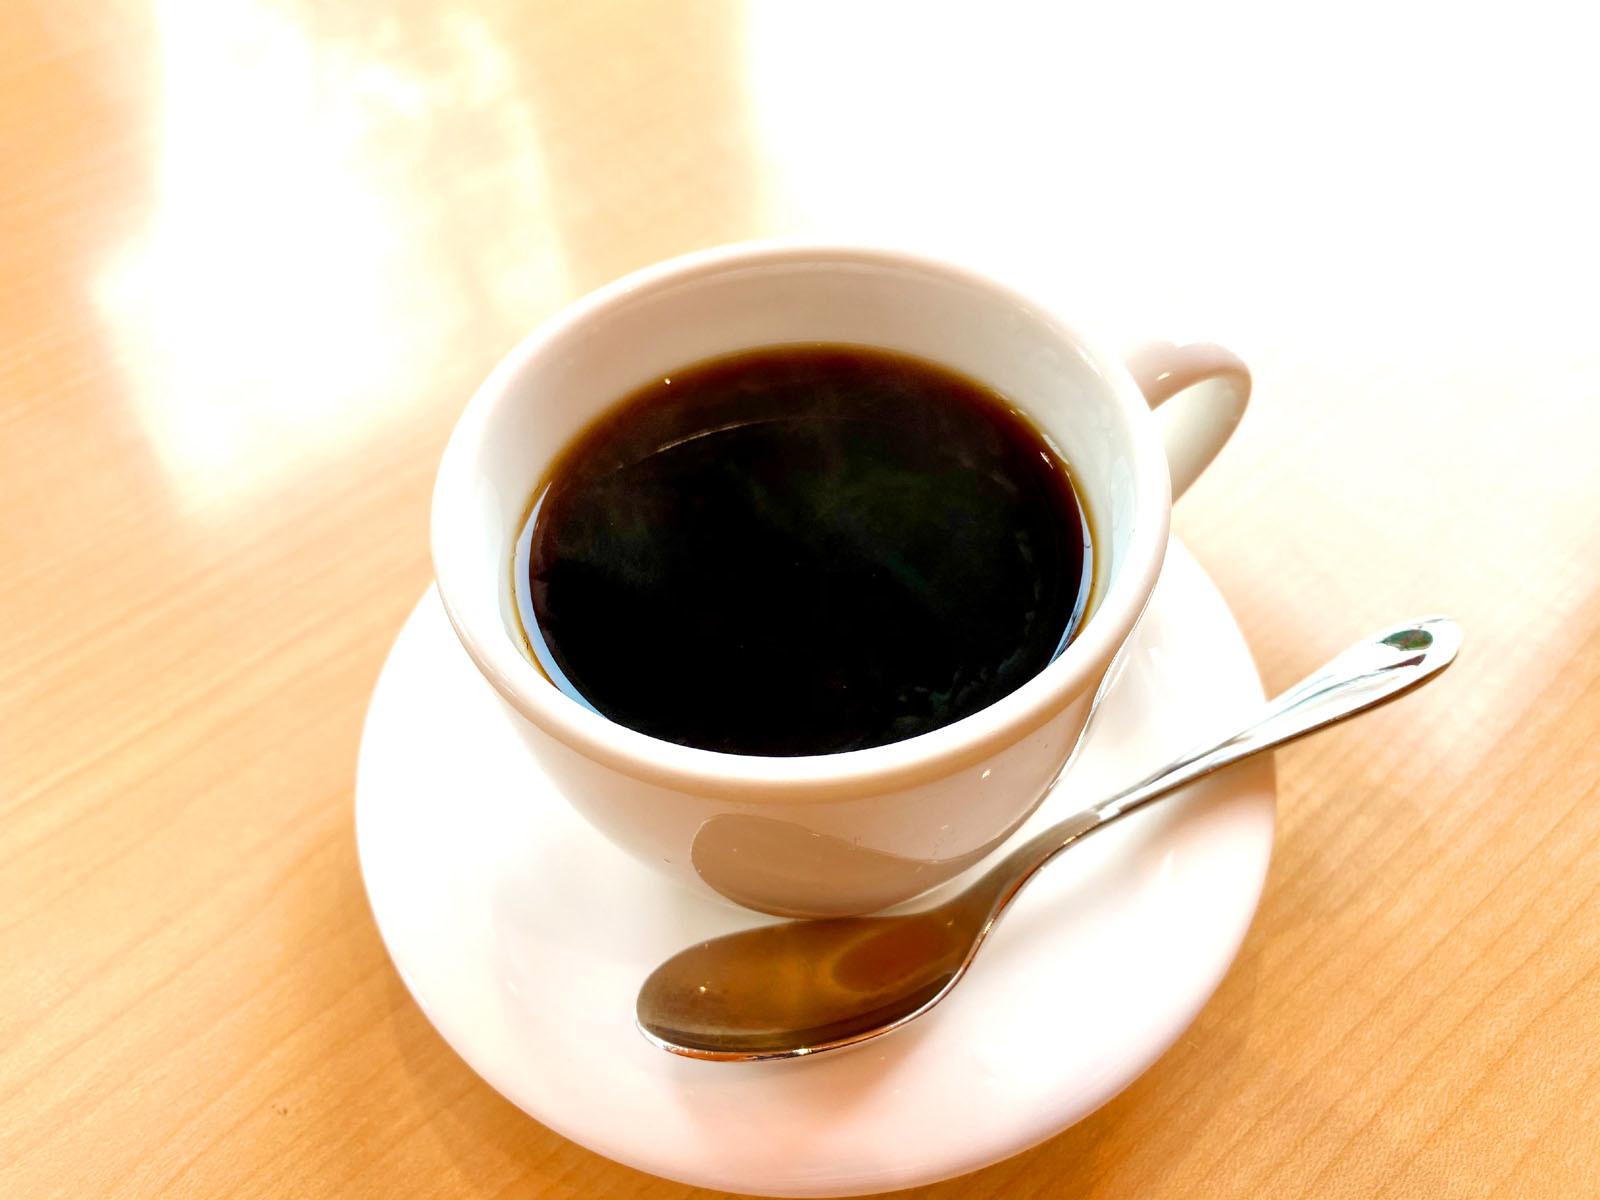 PonPon ホットコーヒー 450円+税